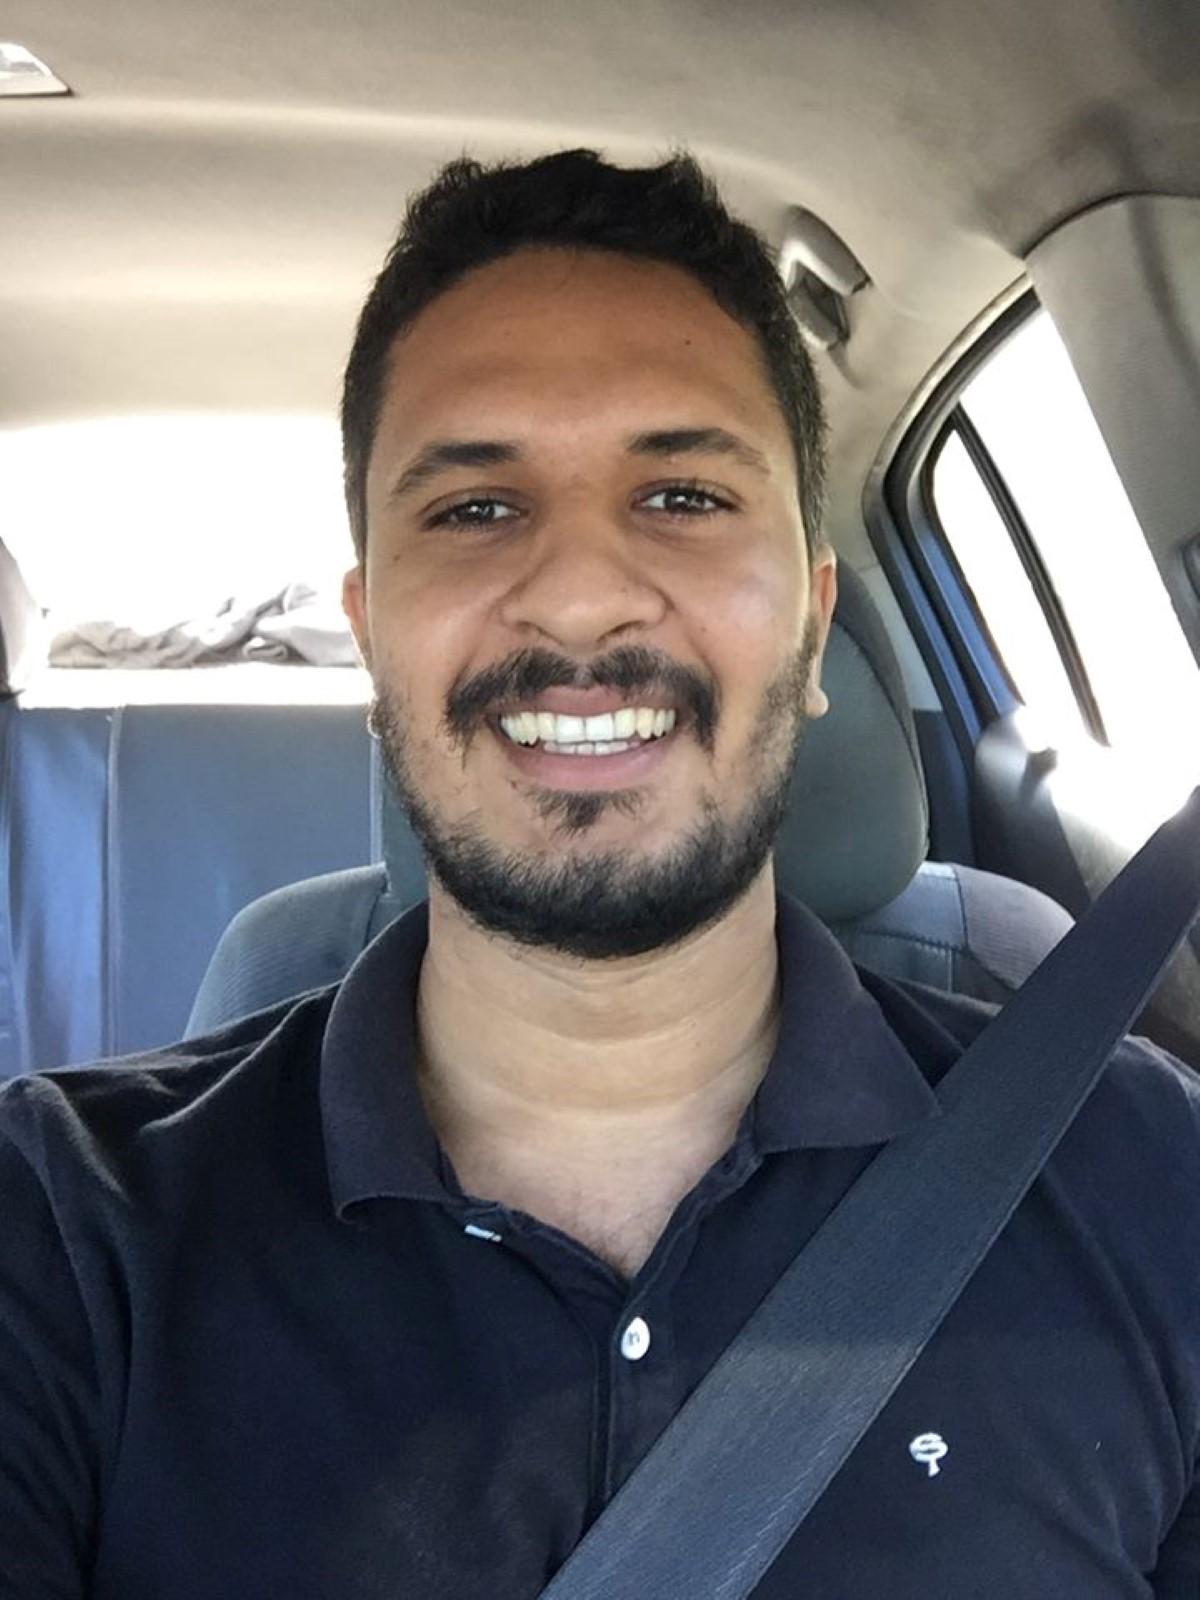 Olivier Thomas lance le débat de la discrimination à l'île Maurice